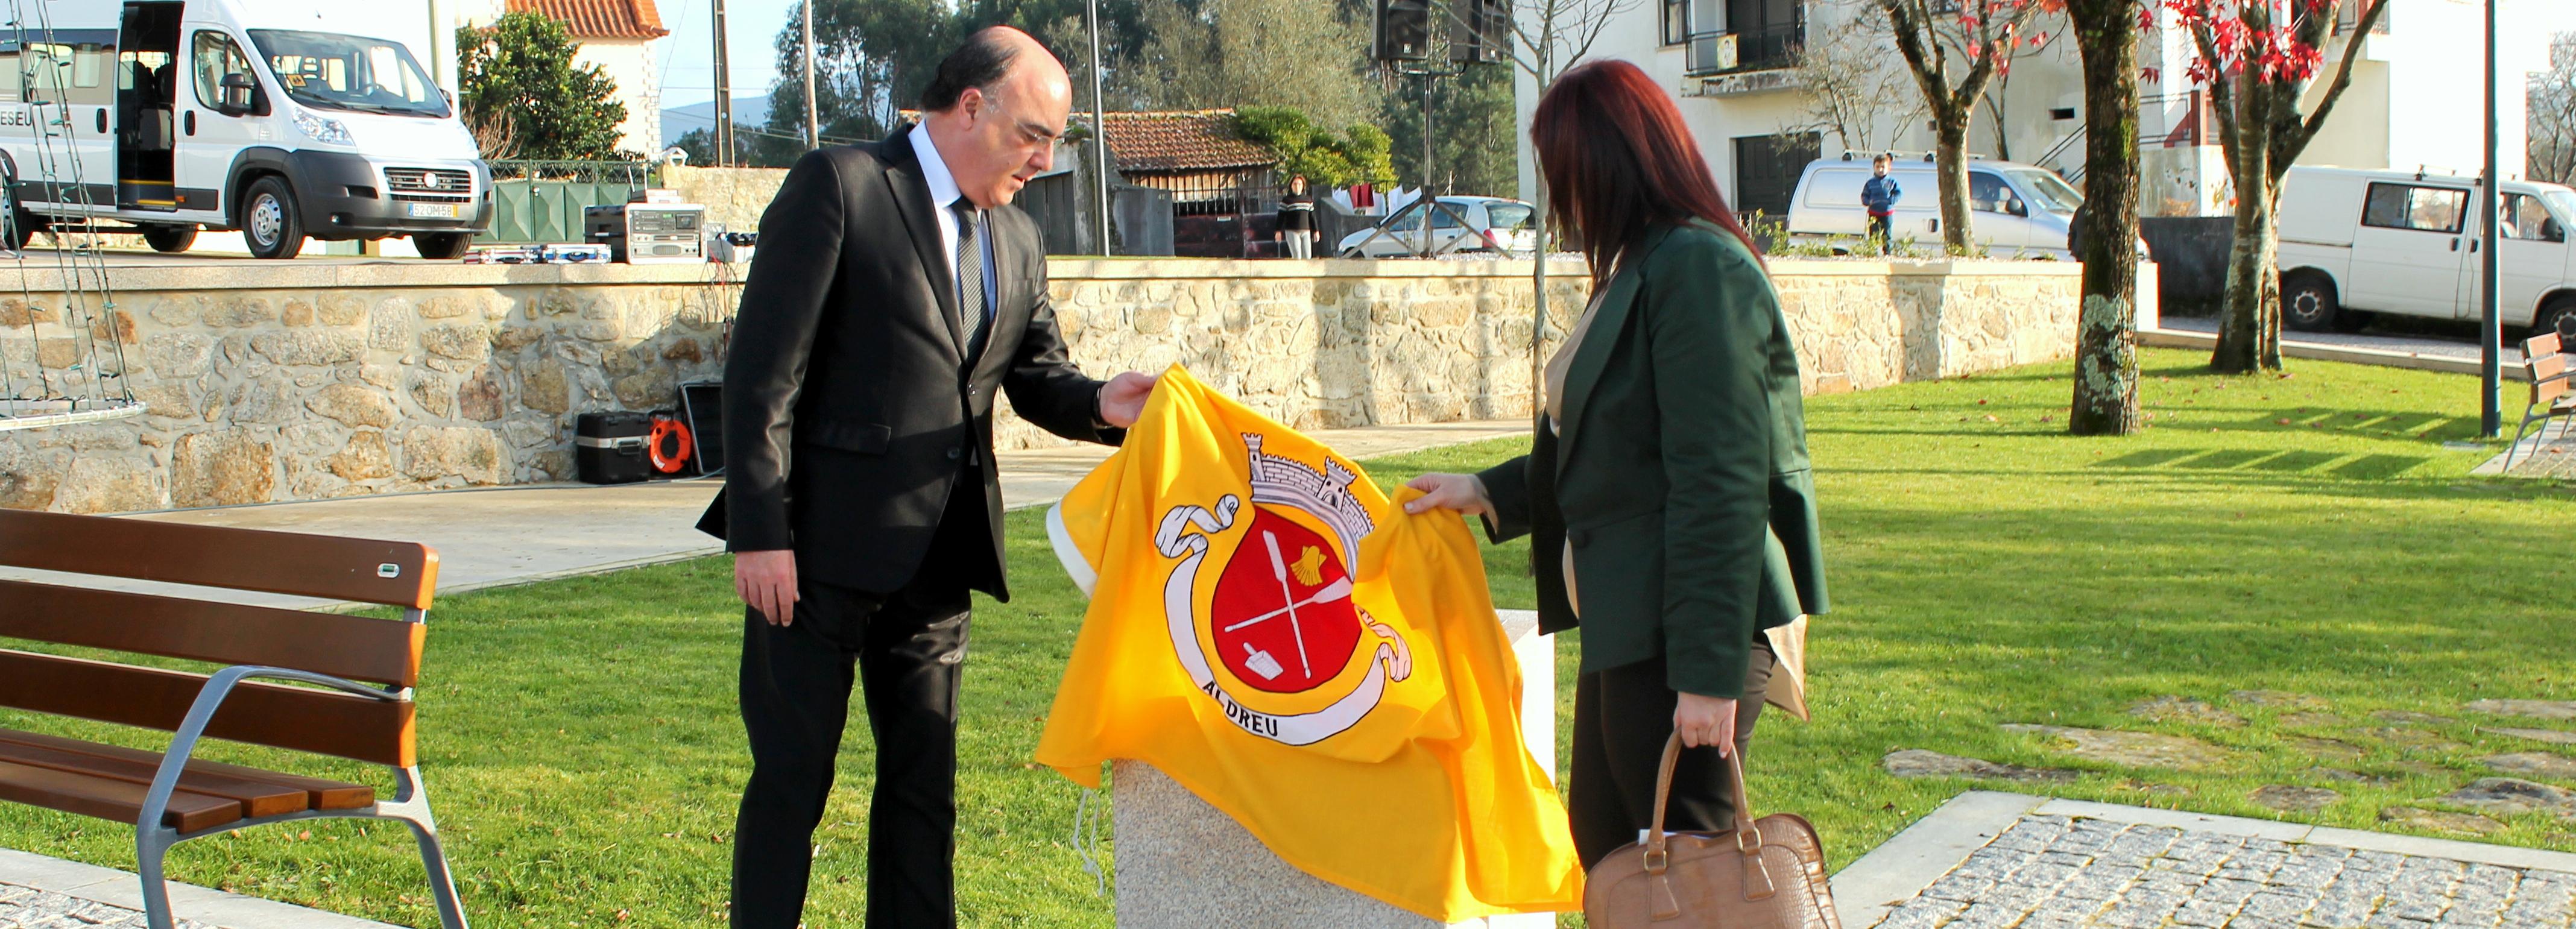 Presidente da Câmara inaugurou requalificação da área envolvente à Igreja Paroquial de Aldreu e miniautocarro da Freguesia